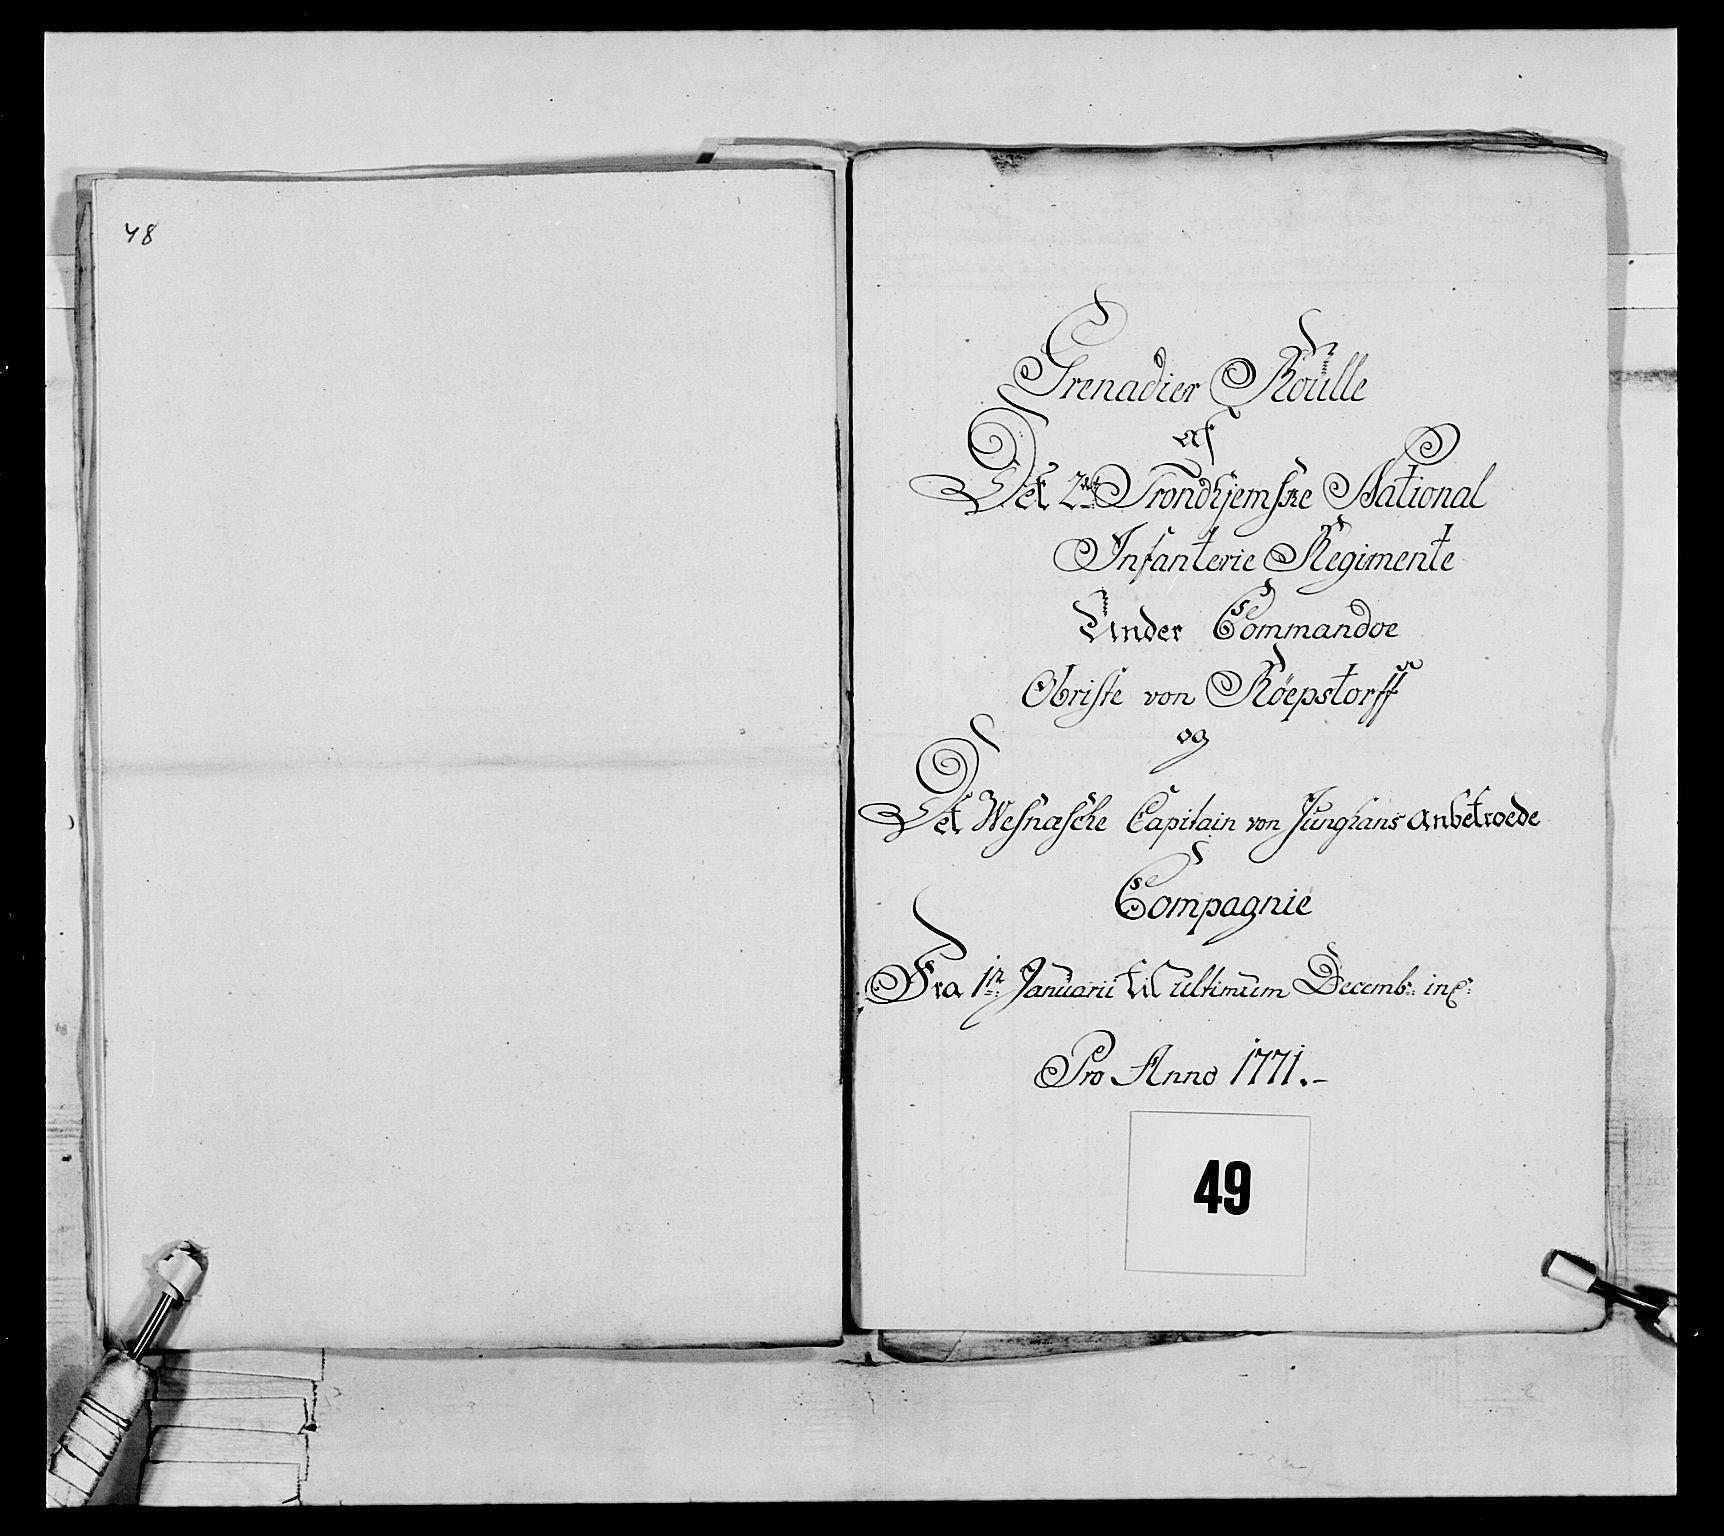 RA, Generalitets- og kommissariatskollegiet, Det kongelige norske kommissariatskollegium, E/Eh/L0076: 2. Trondheimske nasjonale infanteriregiment, 1766-1773, s. 161